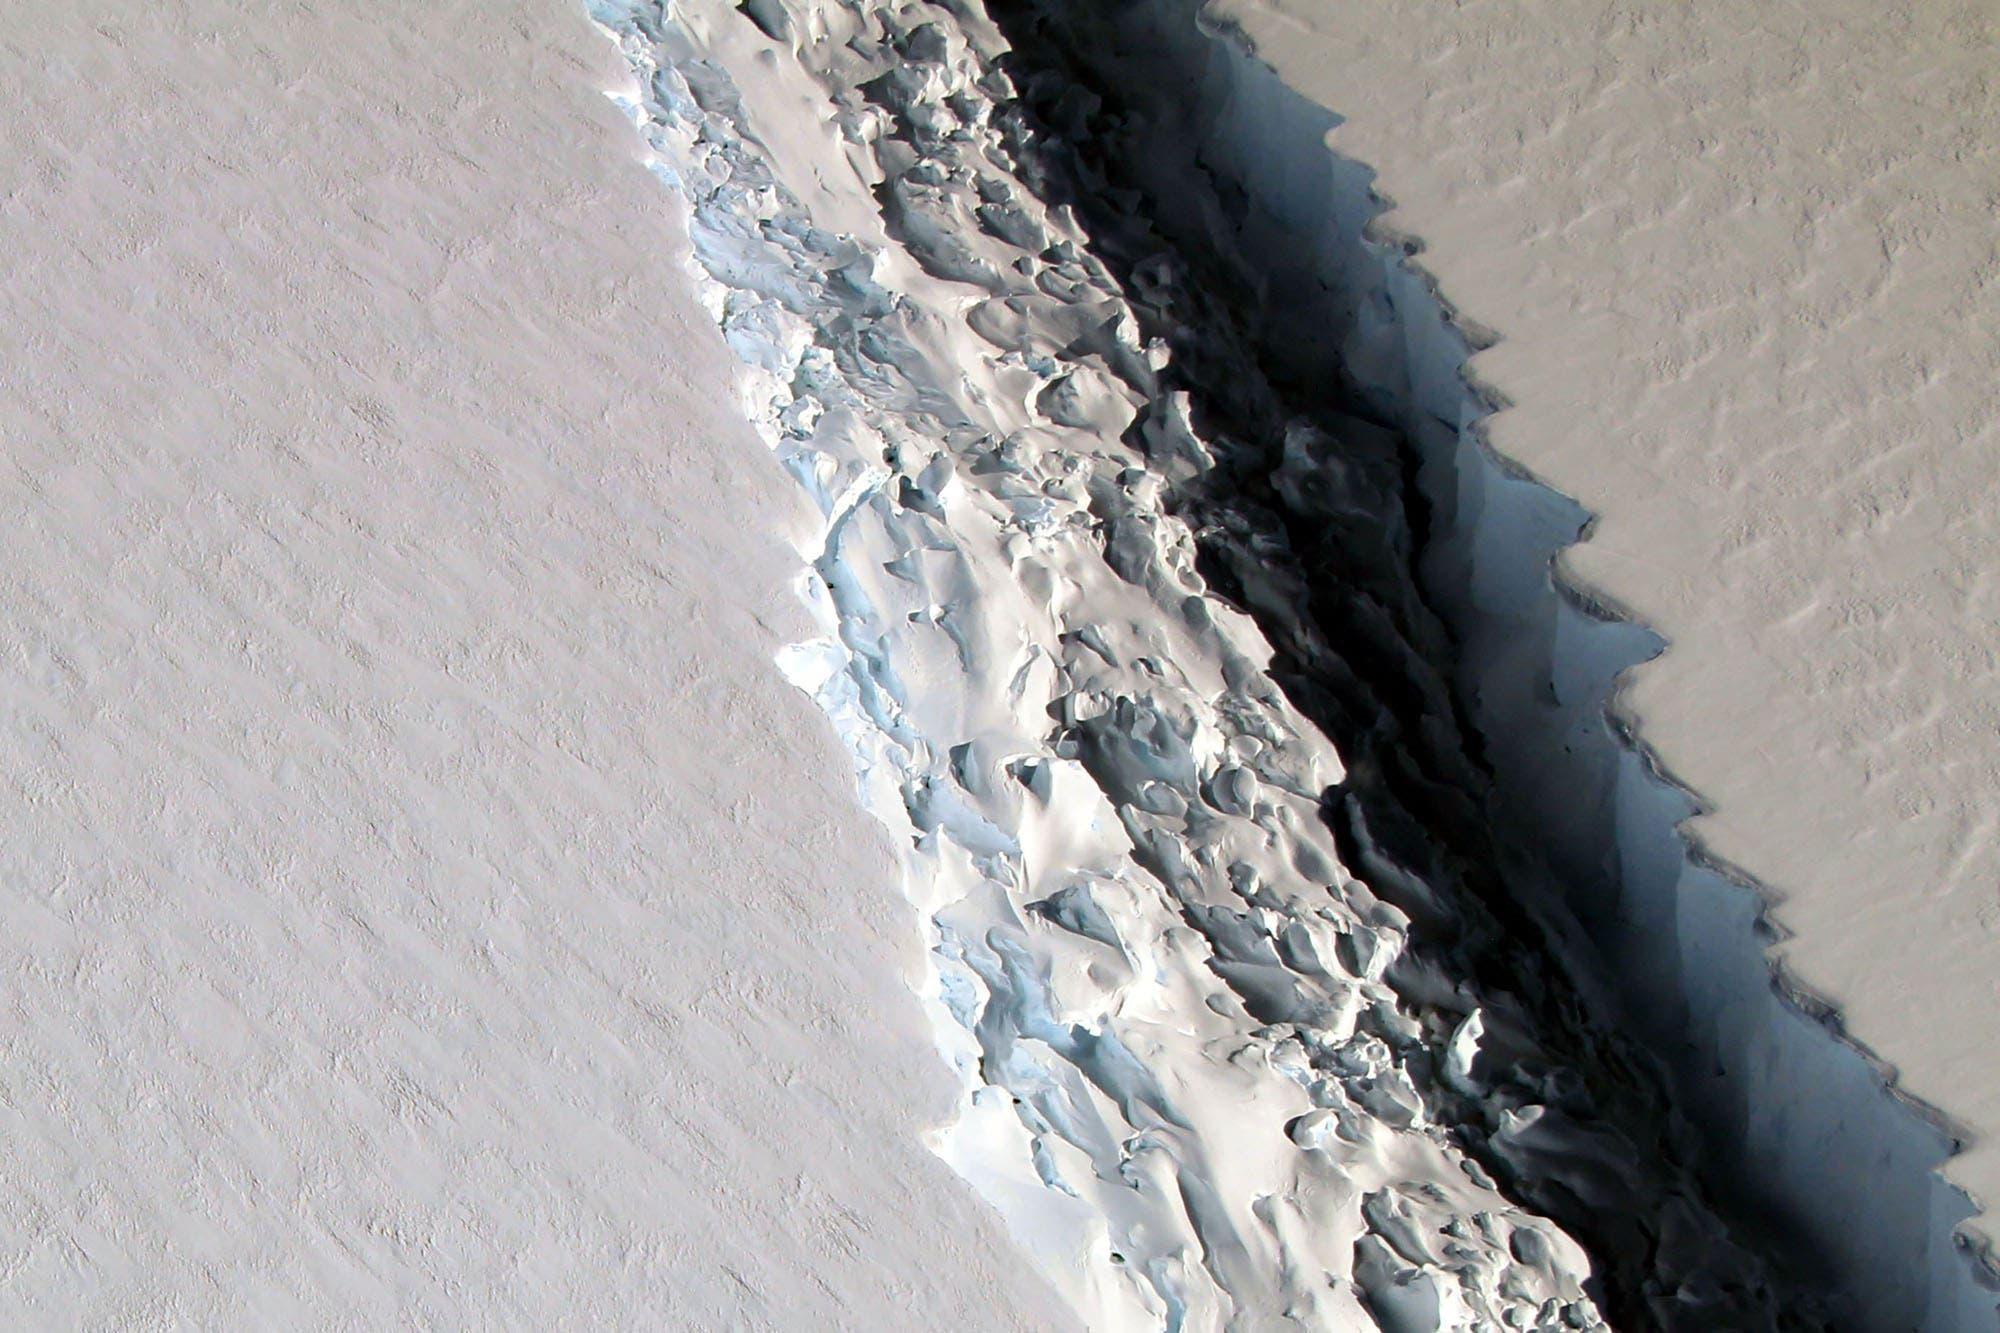 La Antártida se divide en icebergs gigantes que pueden producir desastres en el futuro del planeta